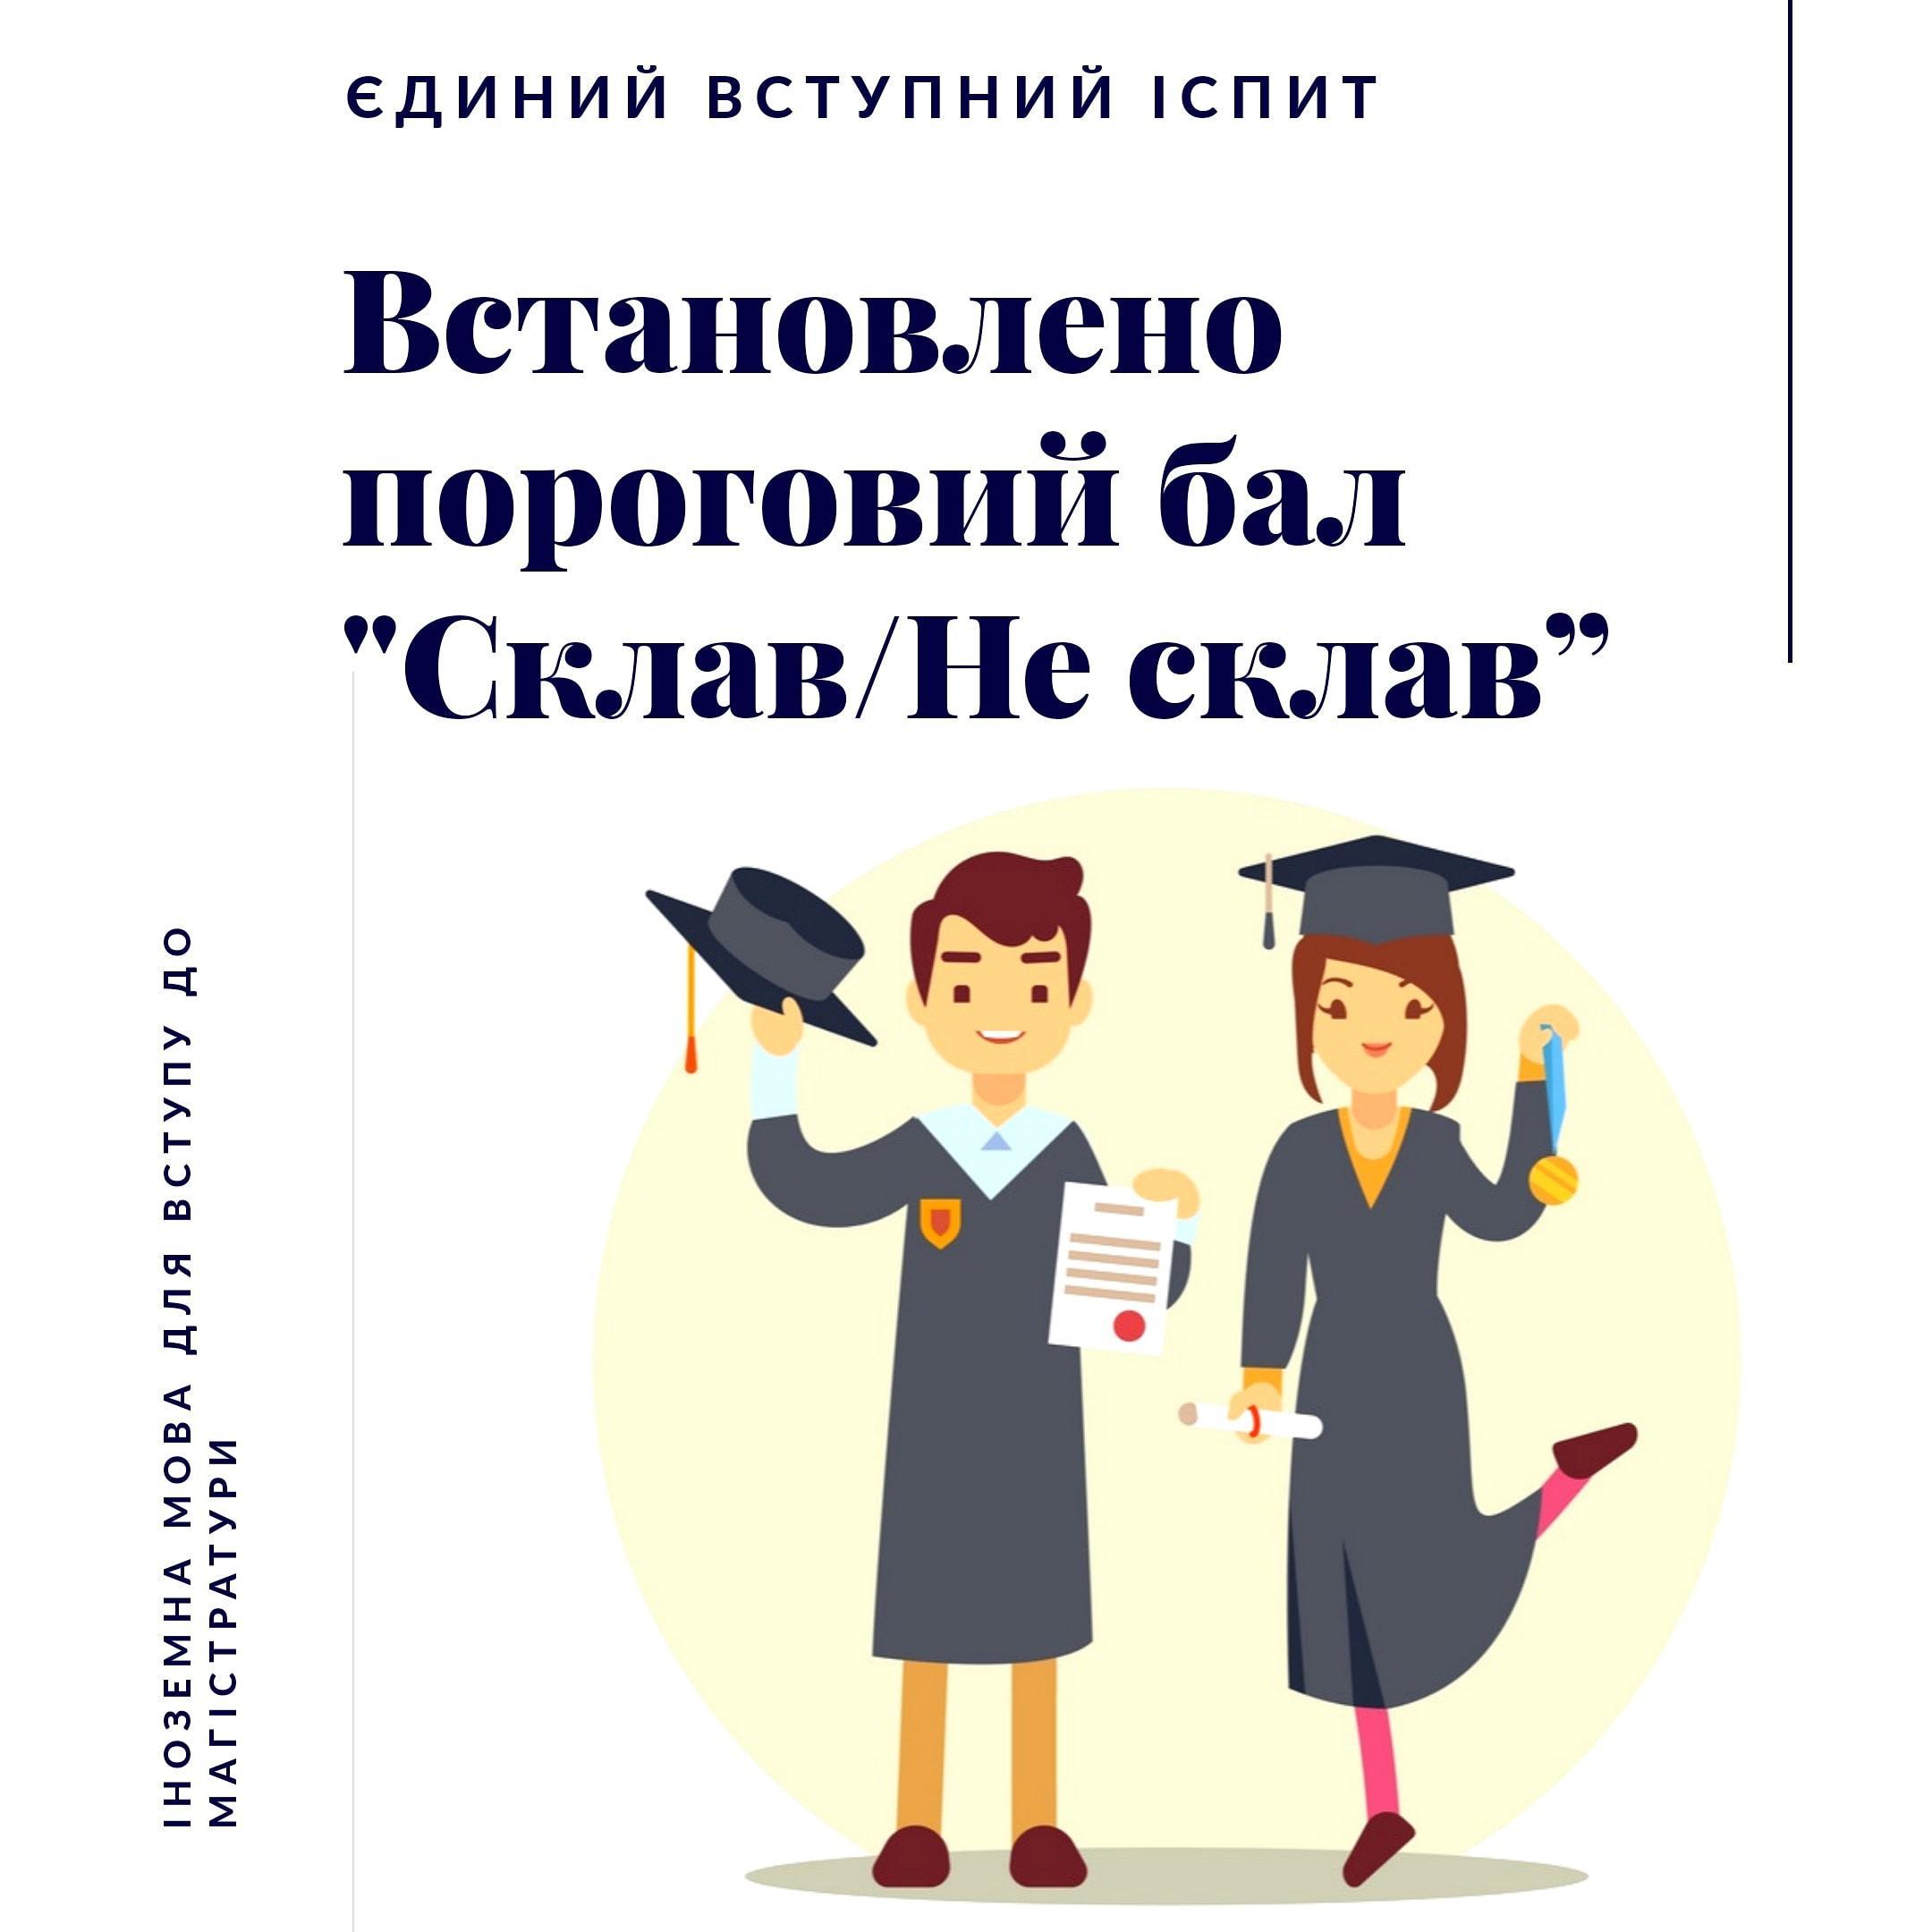 (Українська) Результати ЄВІ: встановлено пороговий бал «склав/не склав»